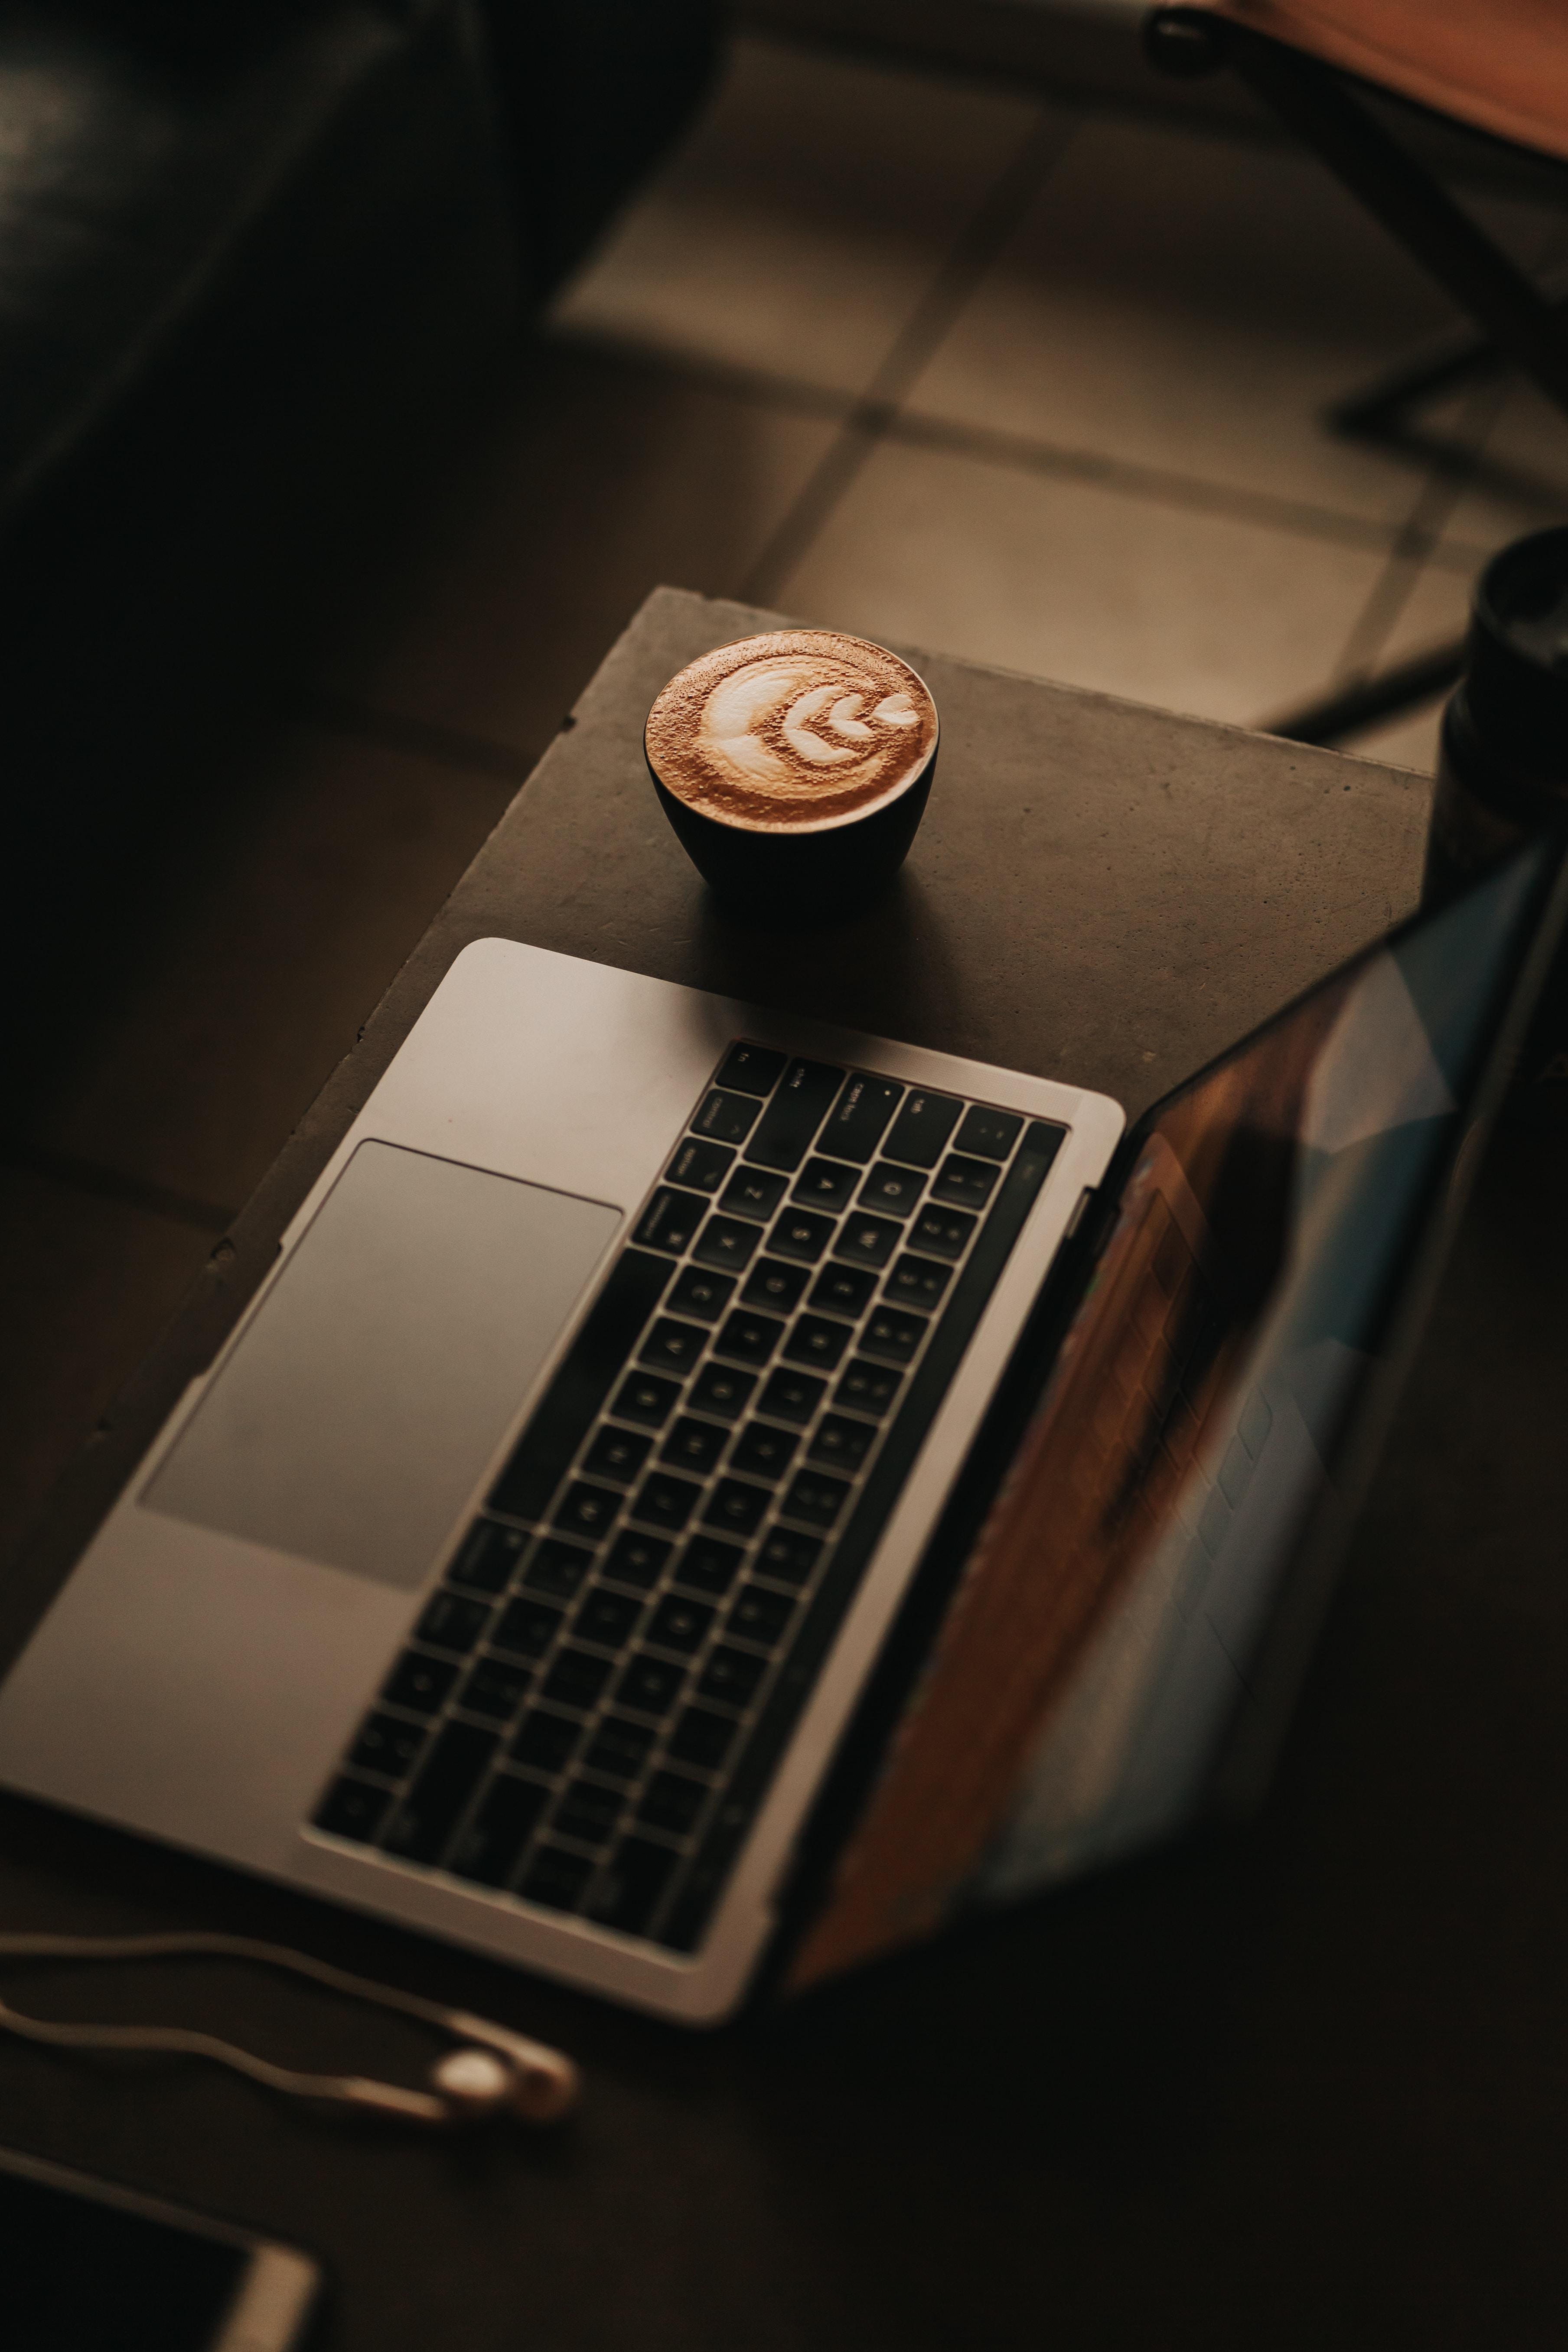 coffee latte beside MacBook Pro